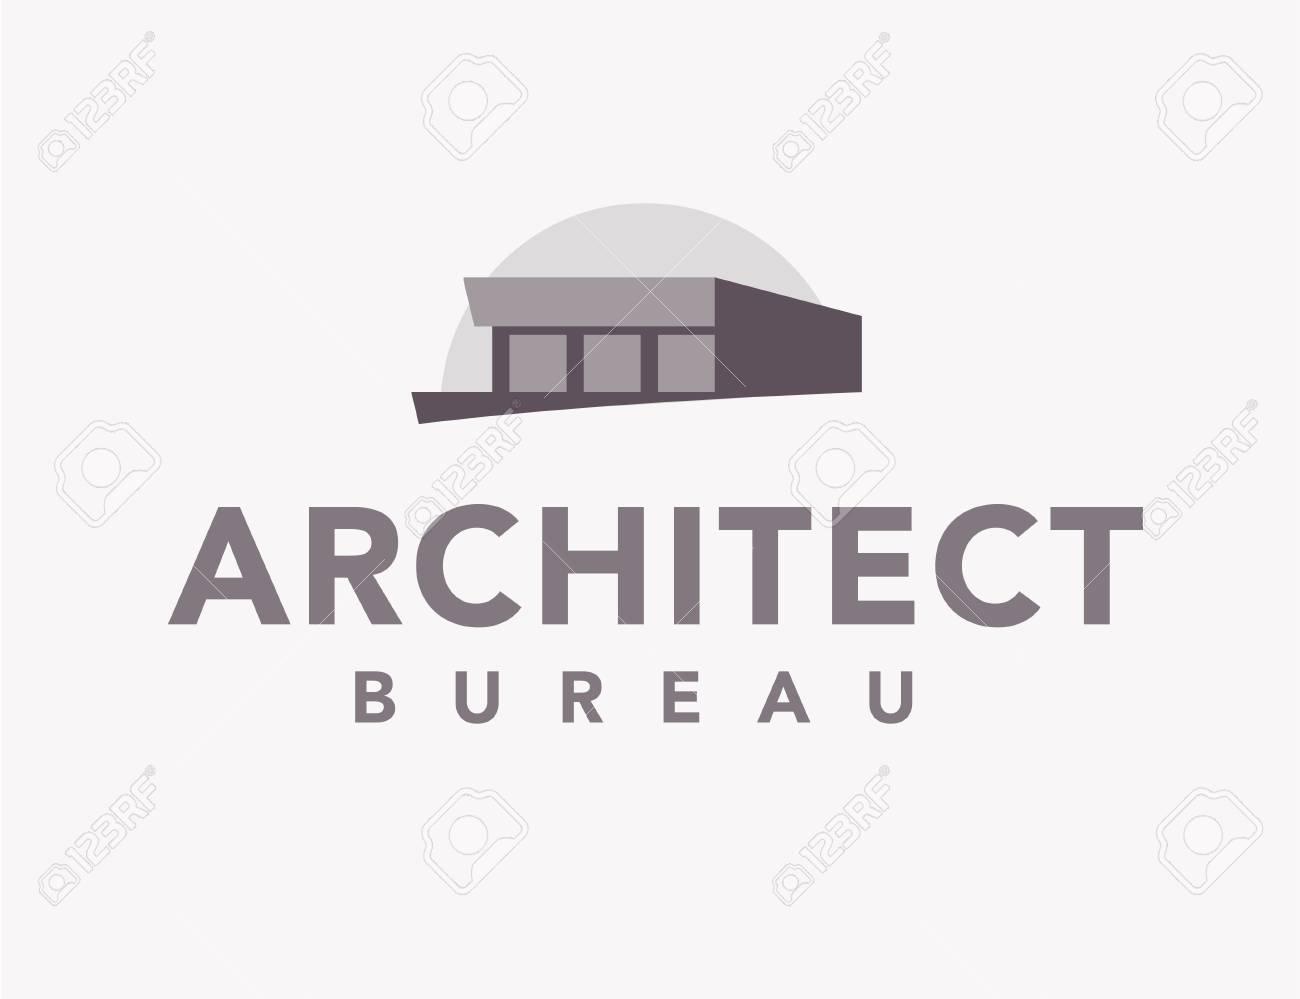 Vector flat architect bureau logo design isolated on white background modern house simple icon illustration